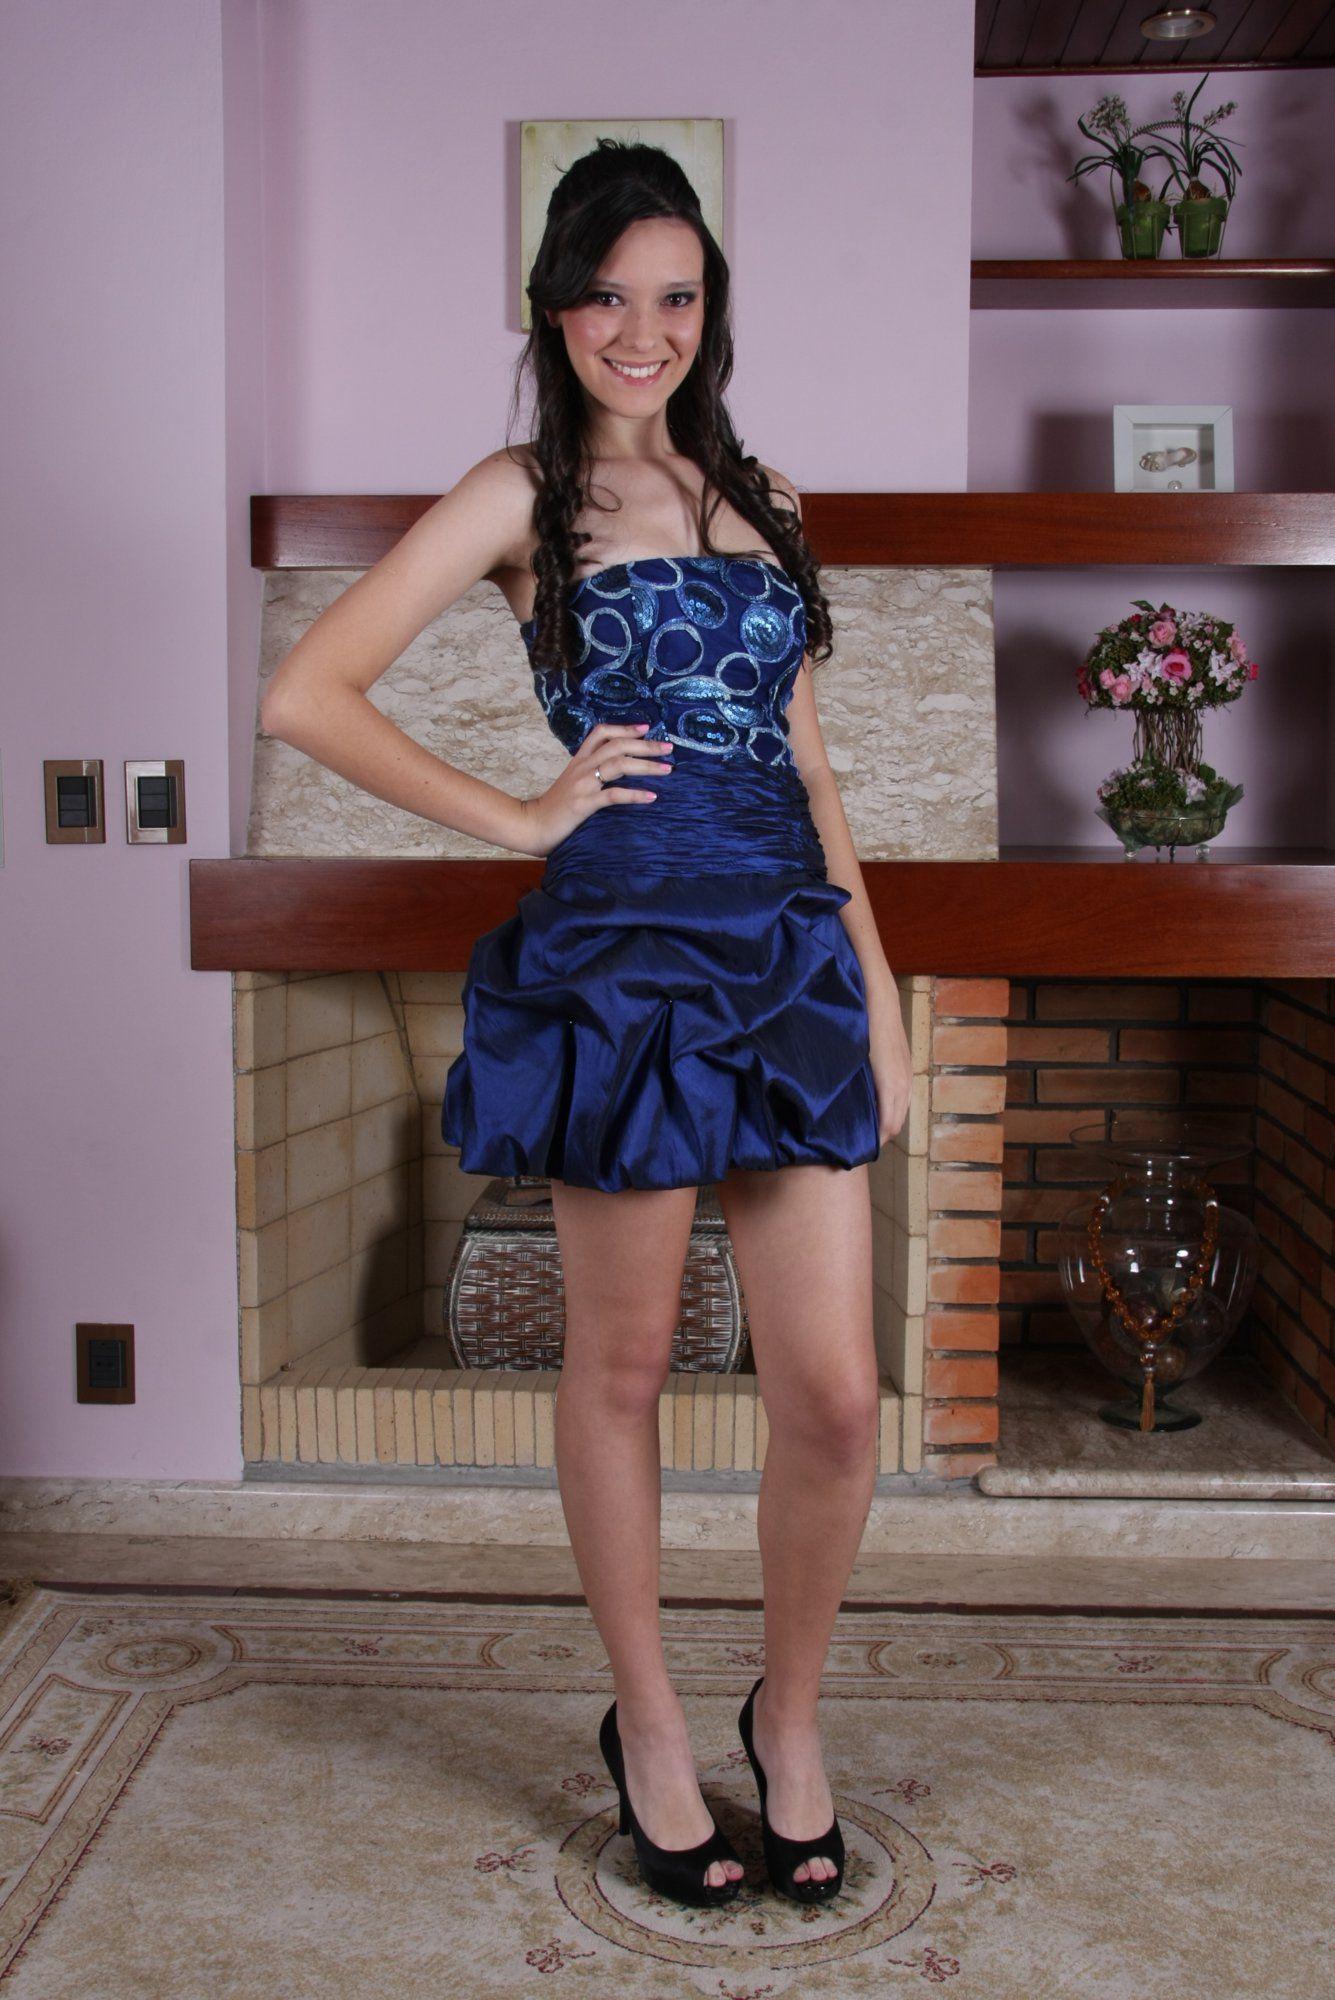 Vestido de Debutante Azul - 7 - Hipnose Alta Costura e Spa para Noivas e Noivos - Campinas - SP Vestido de Debutante, Vestido de Debutante Azul, Hipnose Alta Costura